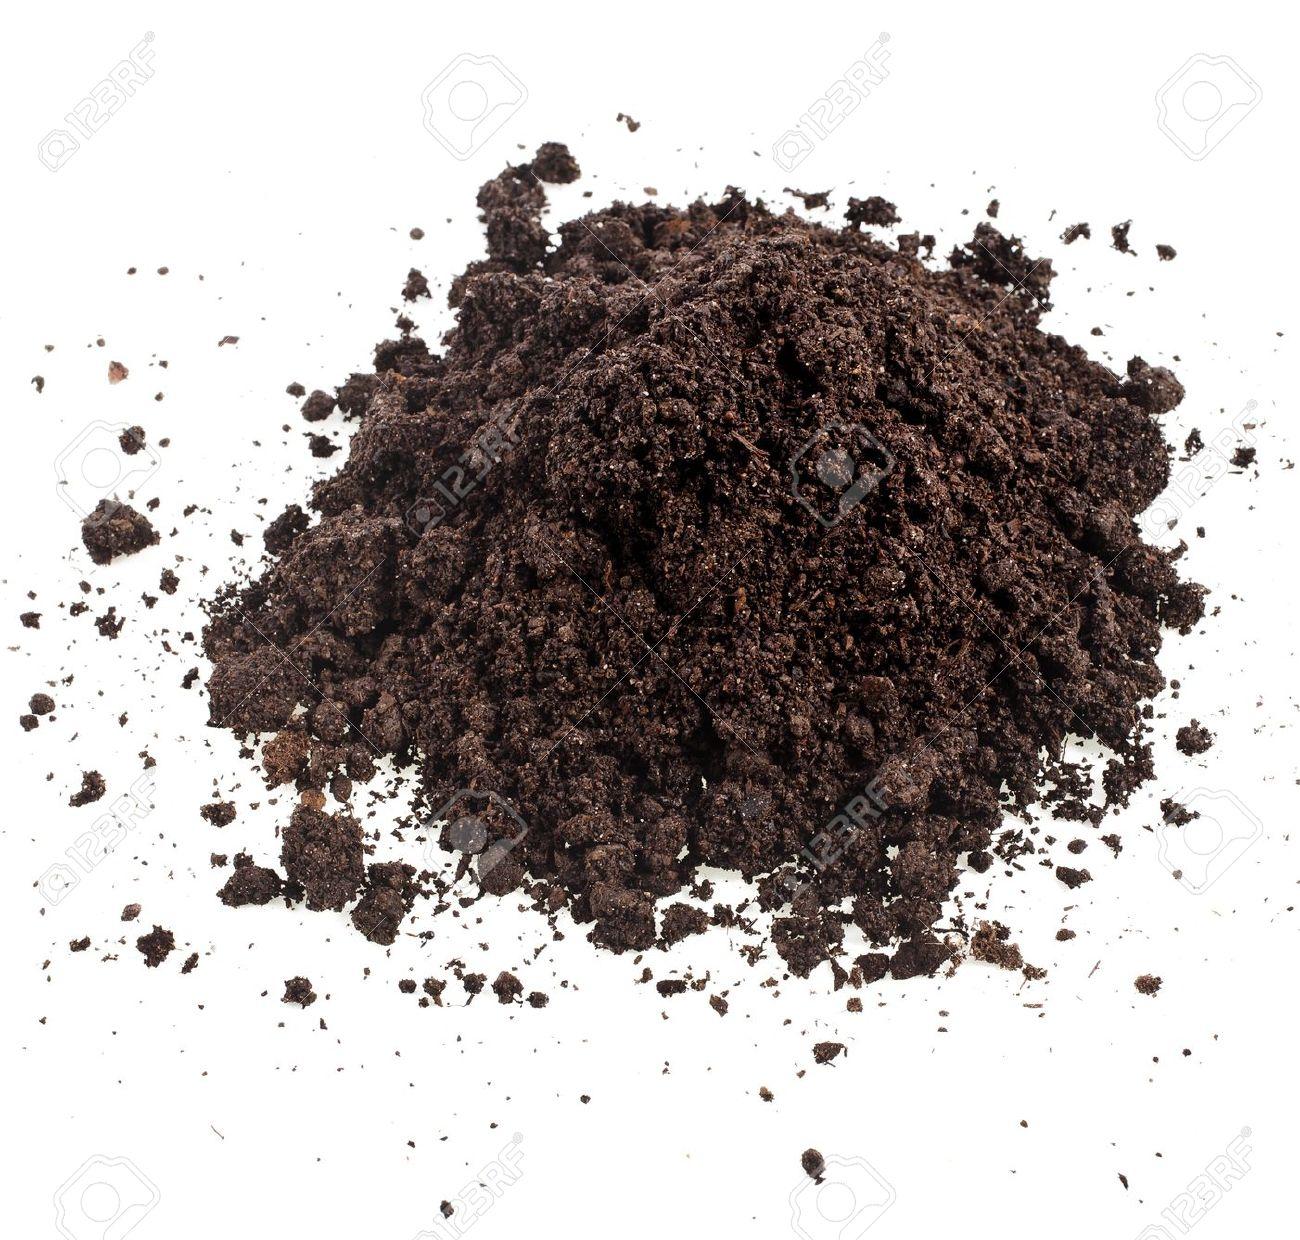 clip art clipartlook. Dirt clipart humus soil